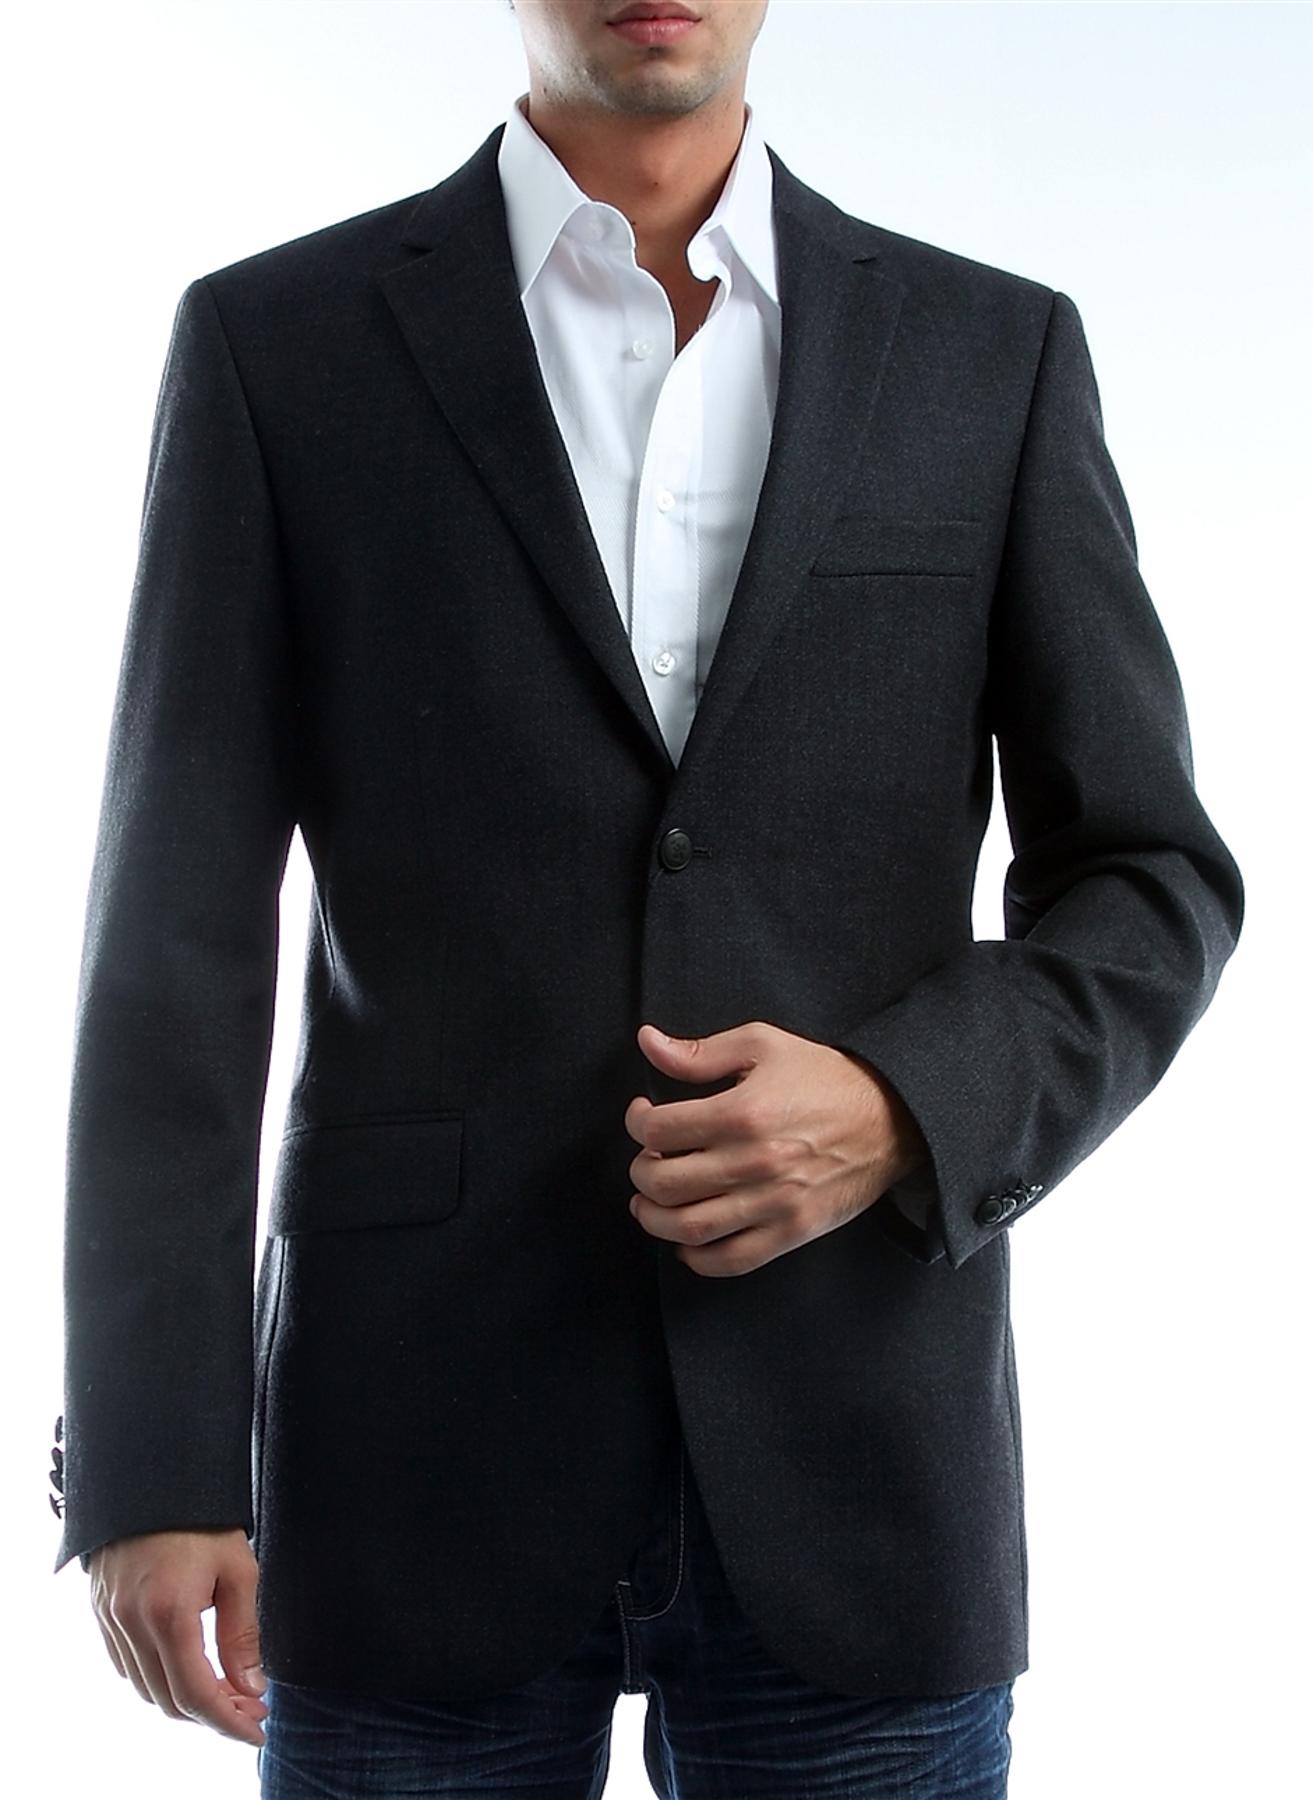 Antrasit Cotton Bar Ceket 52-6 5000013731004 Erkek Giyim & Yelek